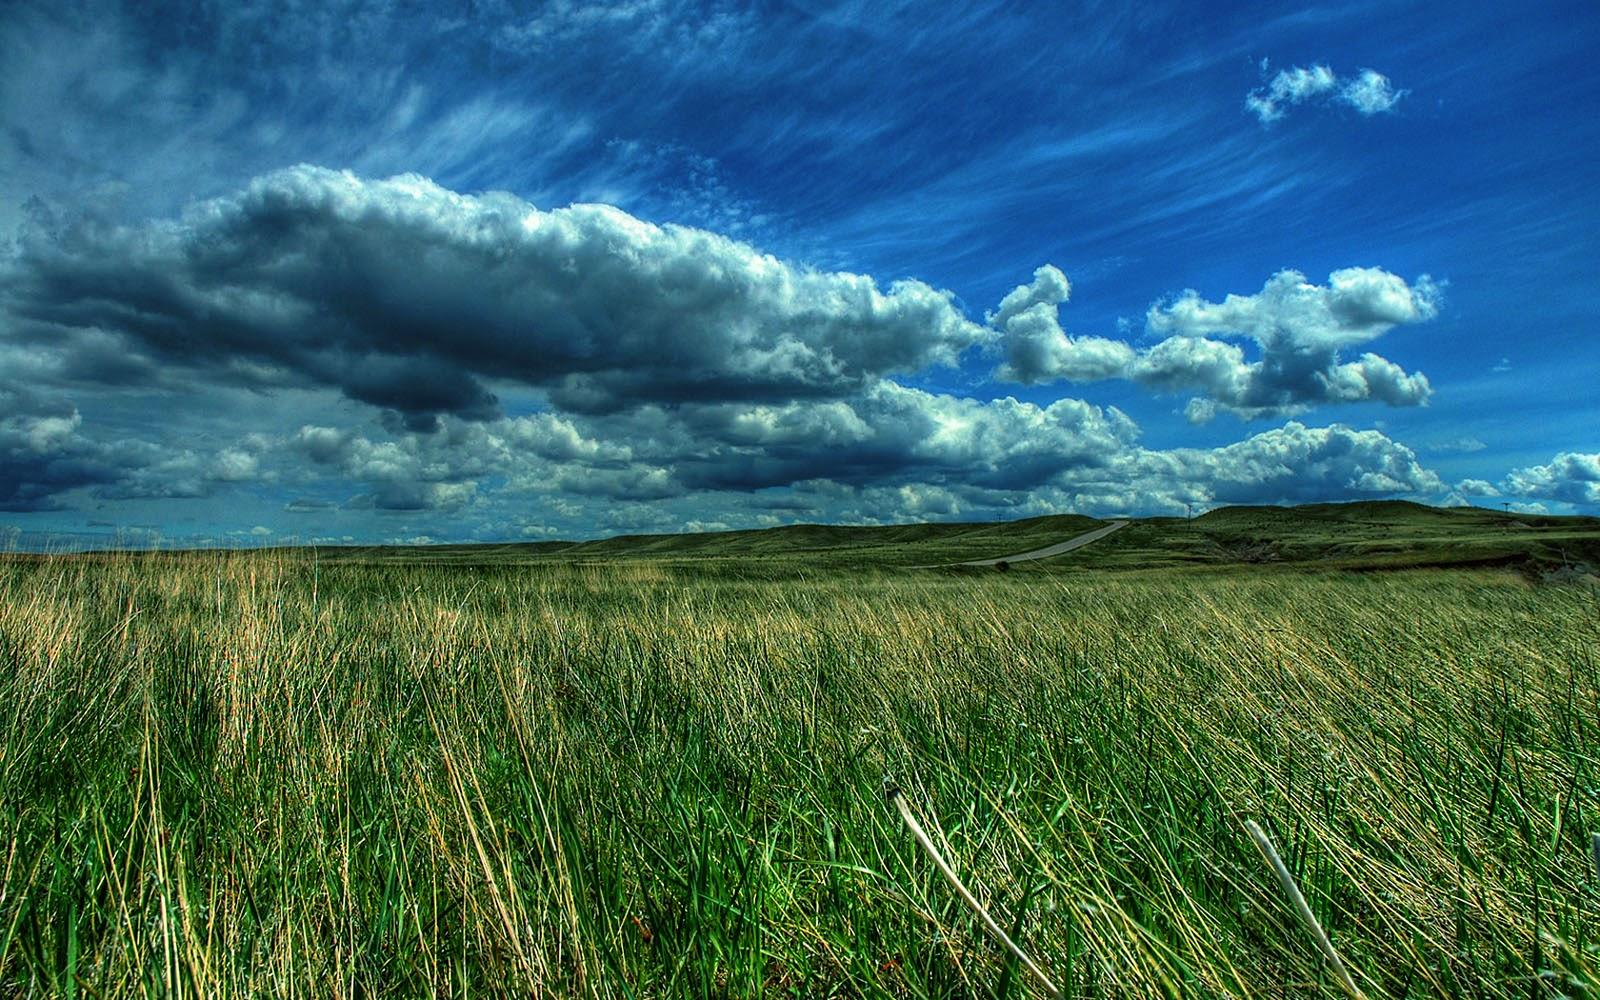 http://3.bp.blogspot.com/-DB-ZxMg7pMY/ToXhATU_dbI/AAAAAAAAAFU/8XtAnYg_oBI/s1600/free_landscape_wallpaper+2.jpg